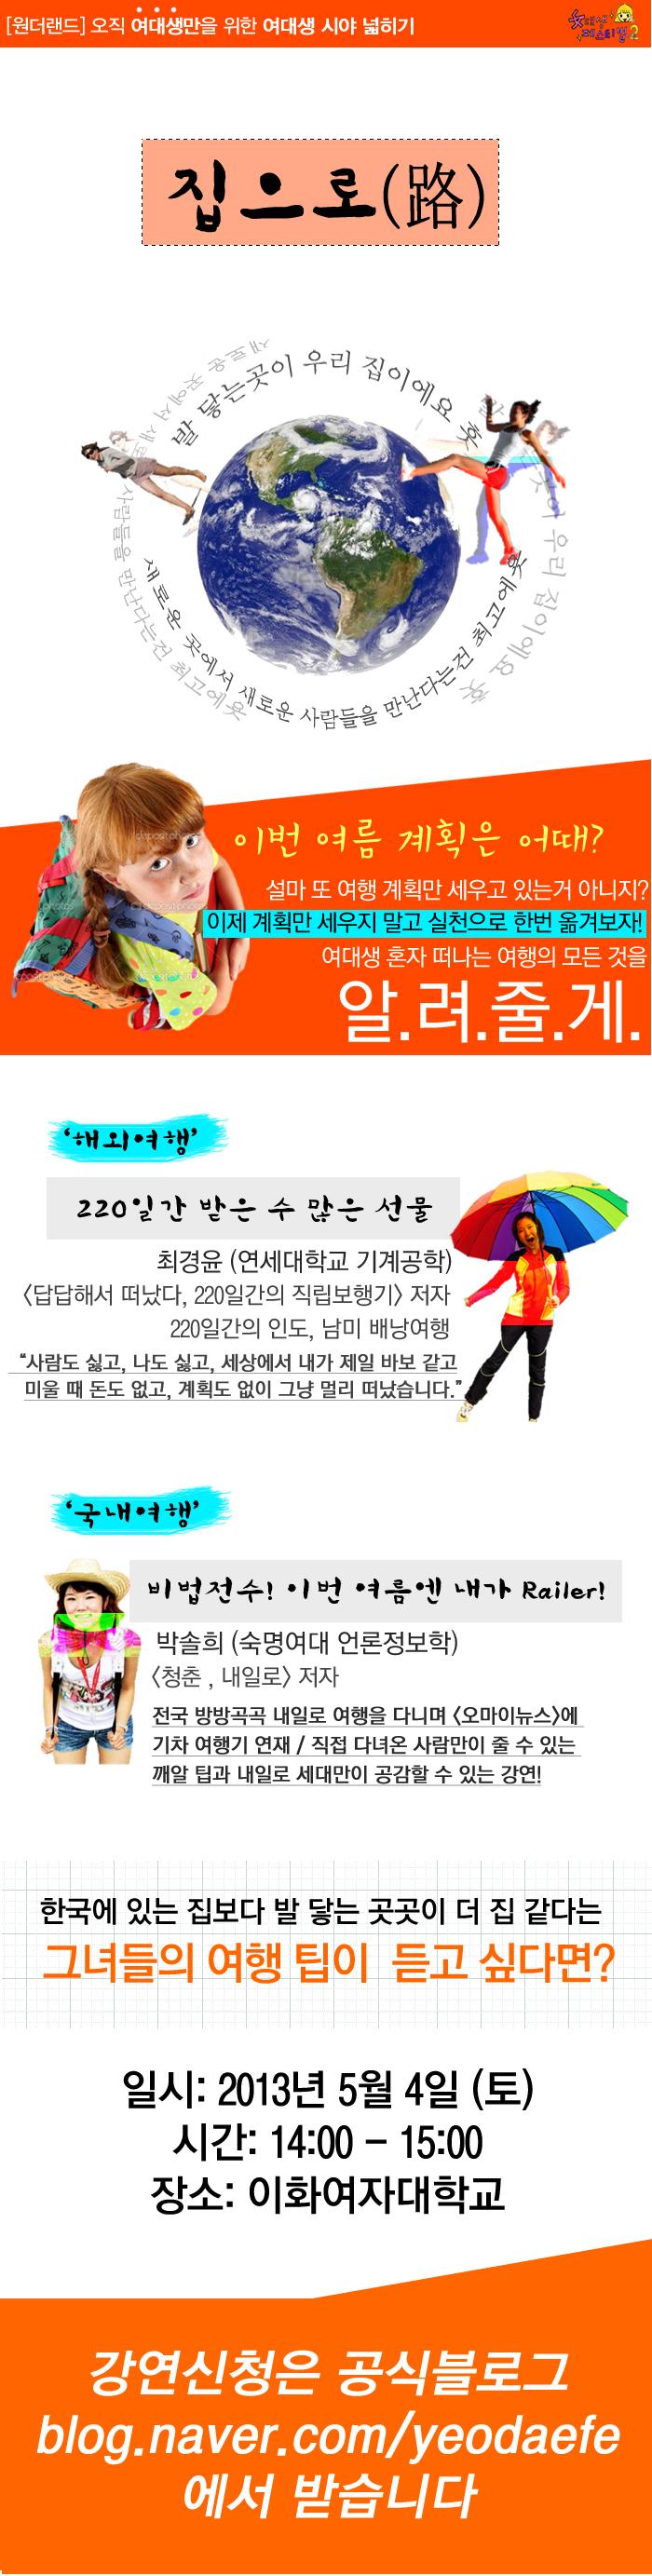 Korea Gap Year